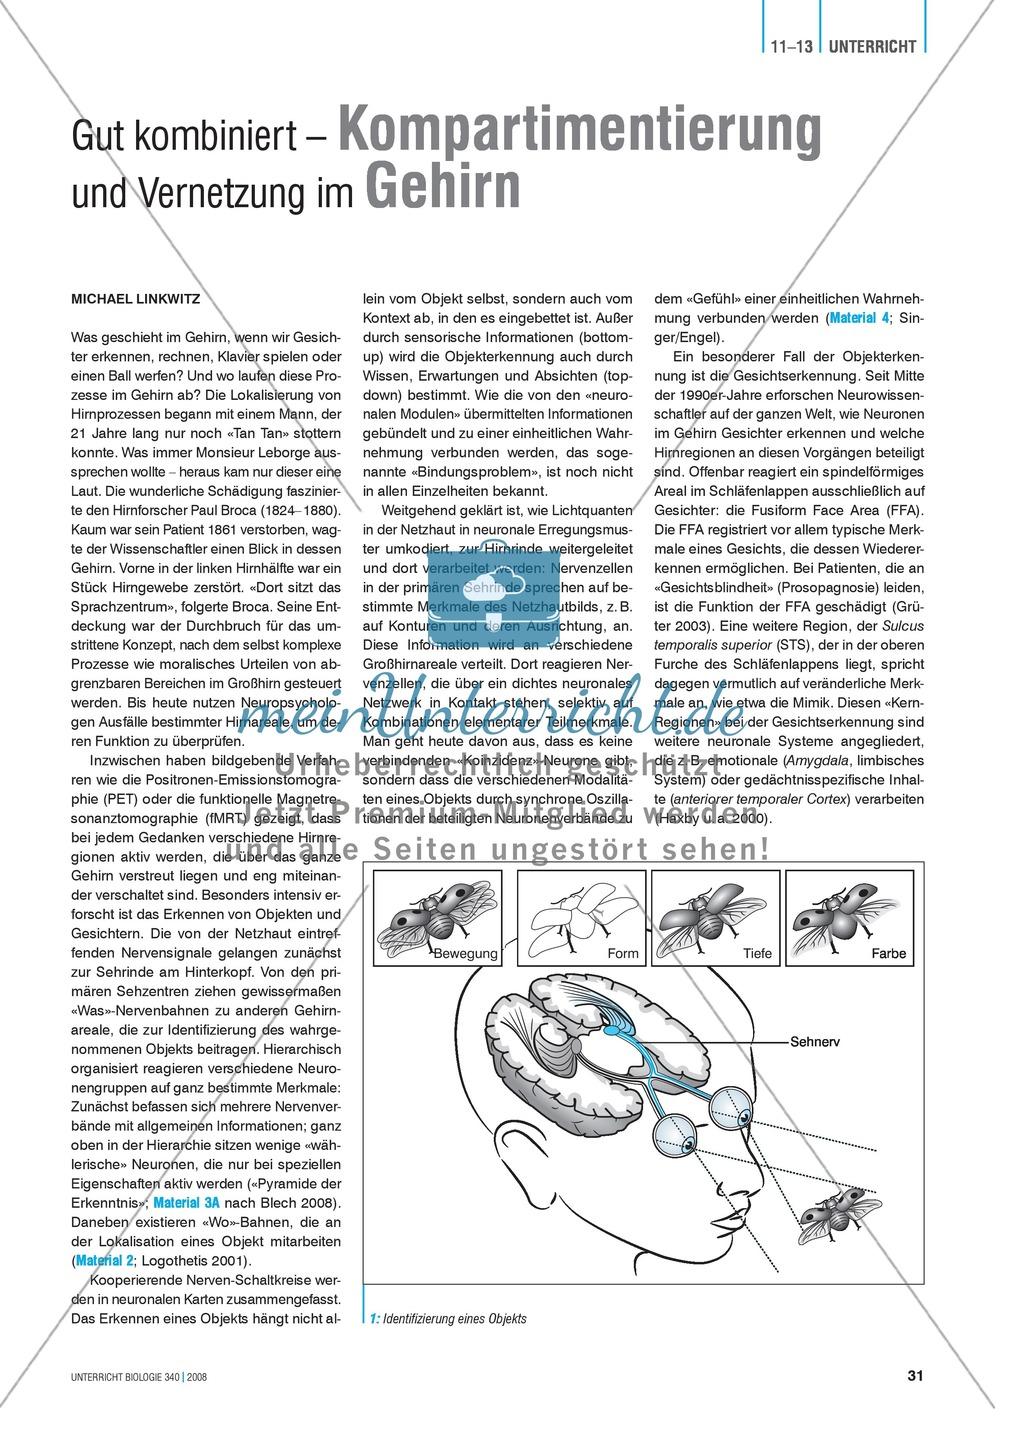 Kompartimentierung: Vernetzung im Gehirn - Gesichtserkennung durch ...